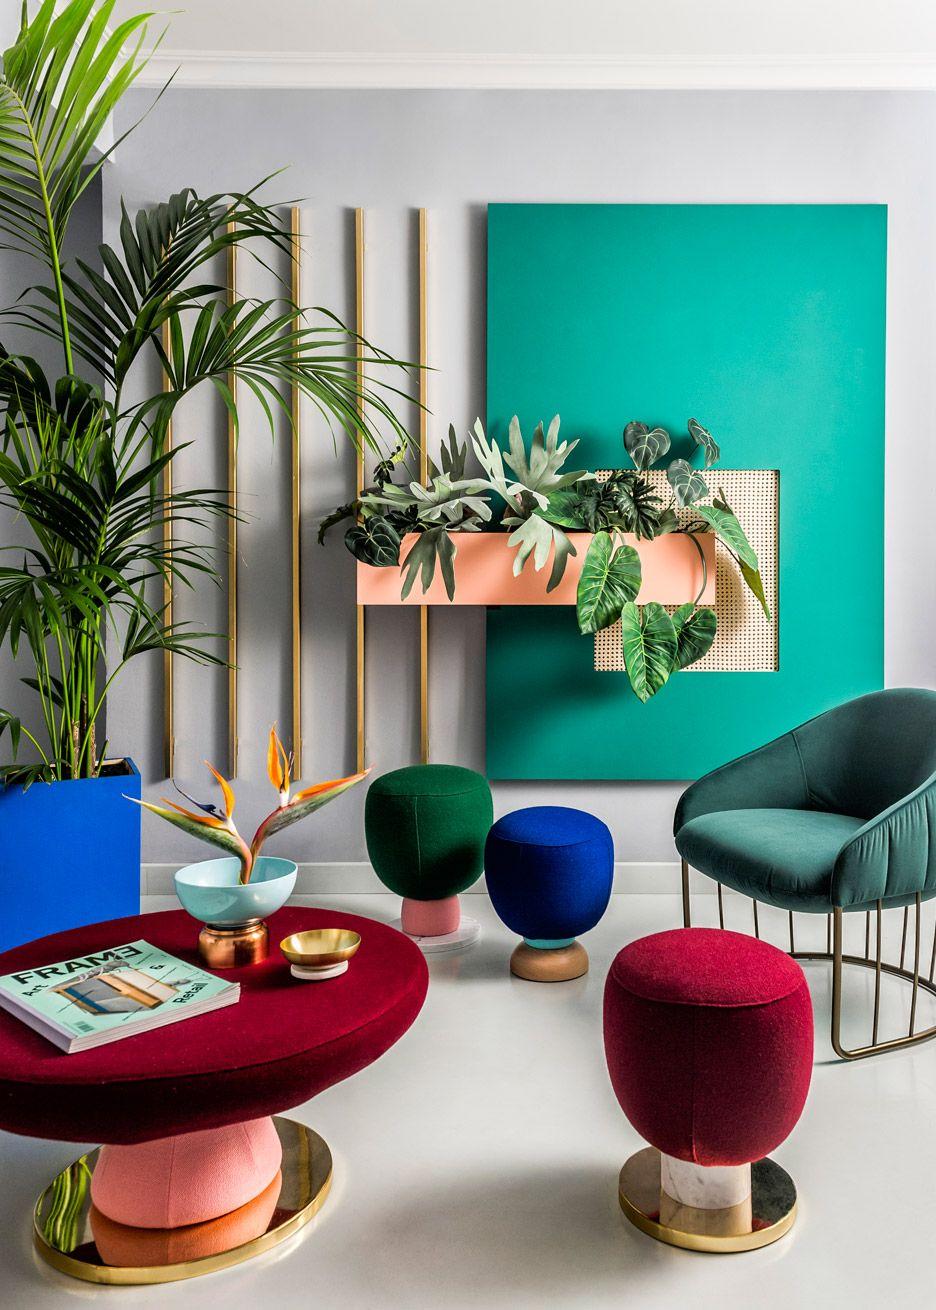 Masquespacio Interior Design Studio Tonella By Note Valencia Spain Home Interior Design Decor Colorful Interiors